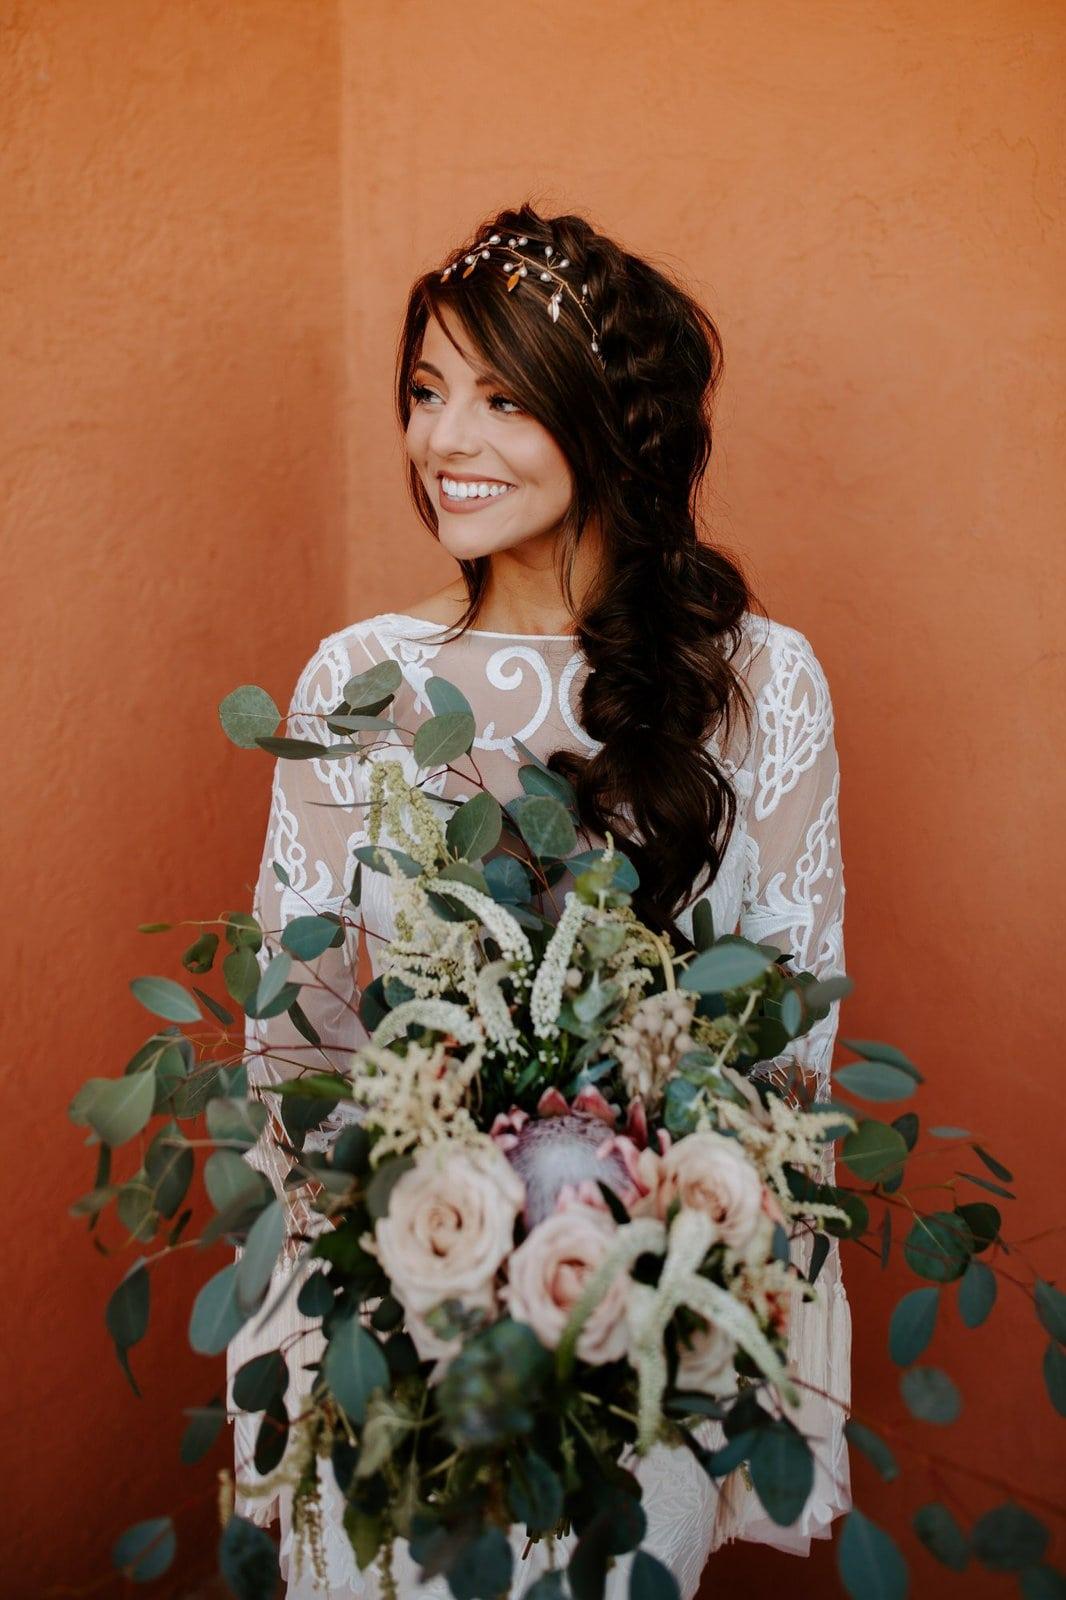 Bridal portrait with wedding bouquet.